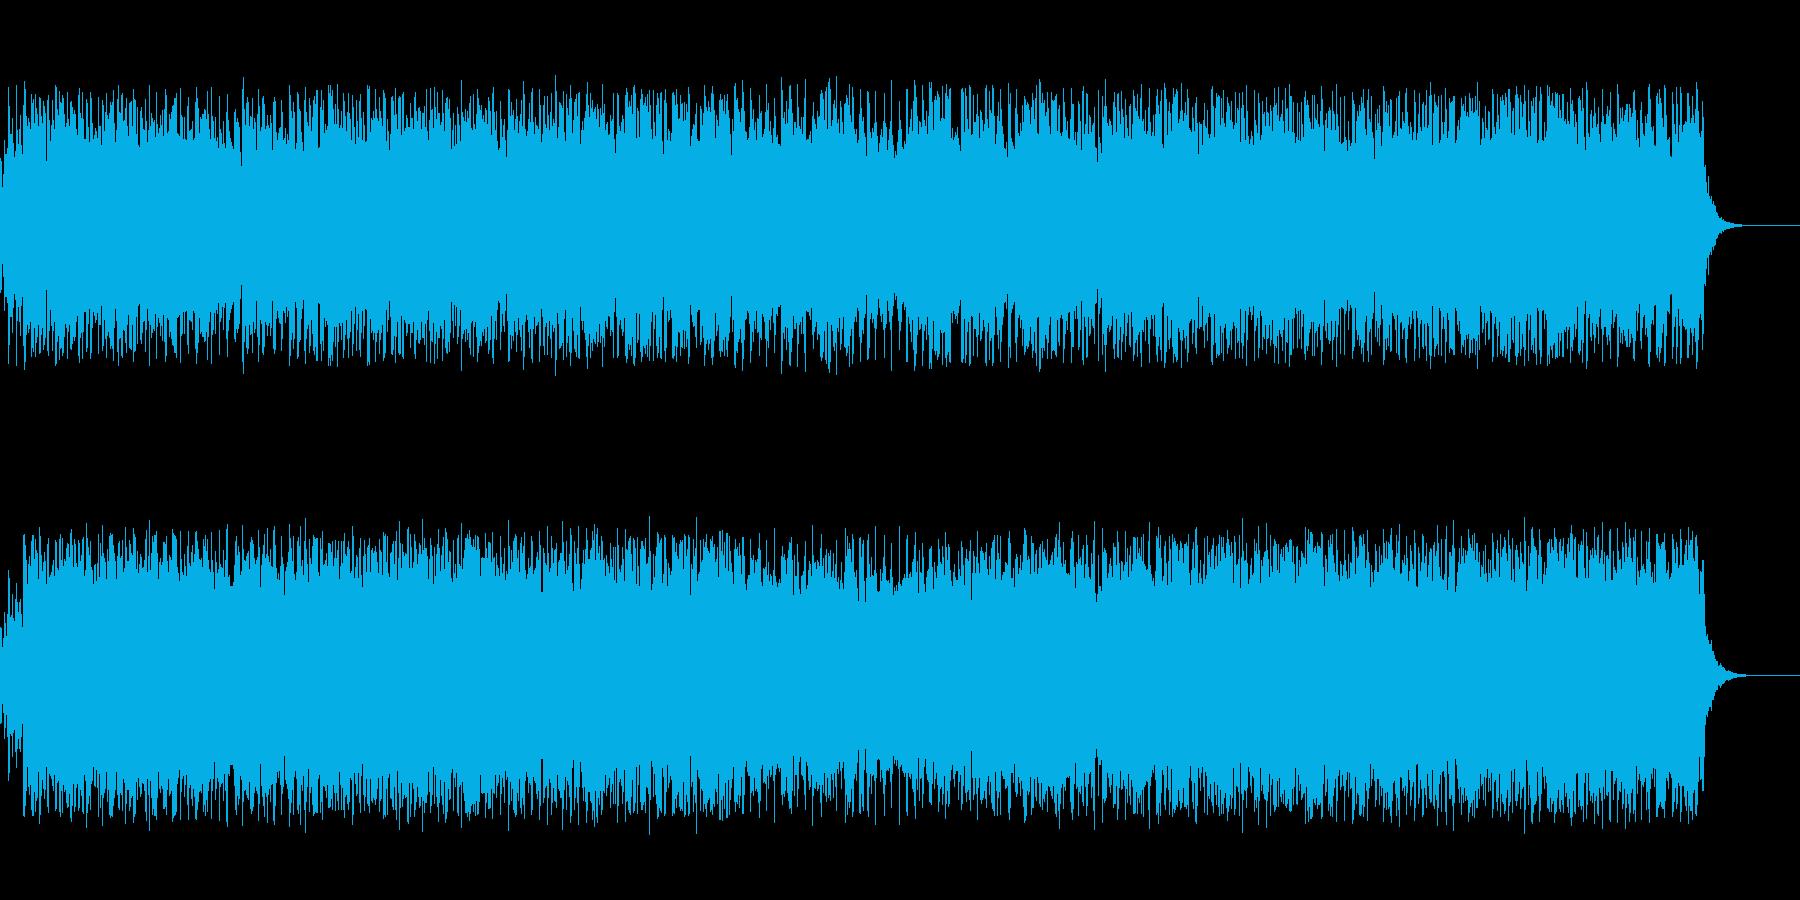 アップテンポの陽気なカントリーサウンドの再生済みの波形